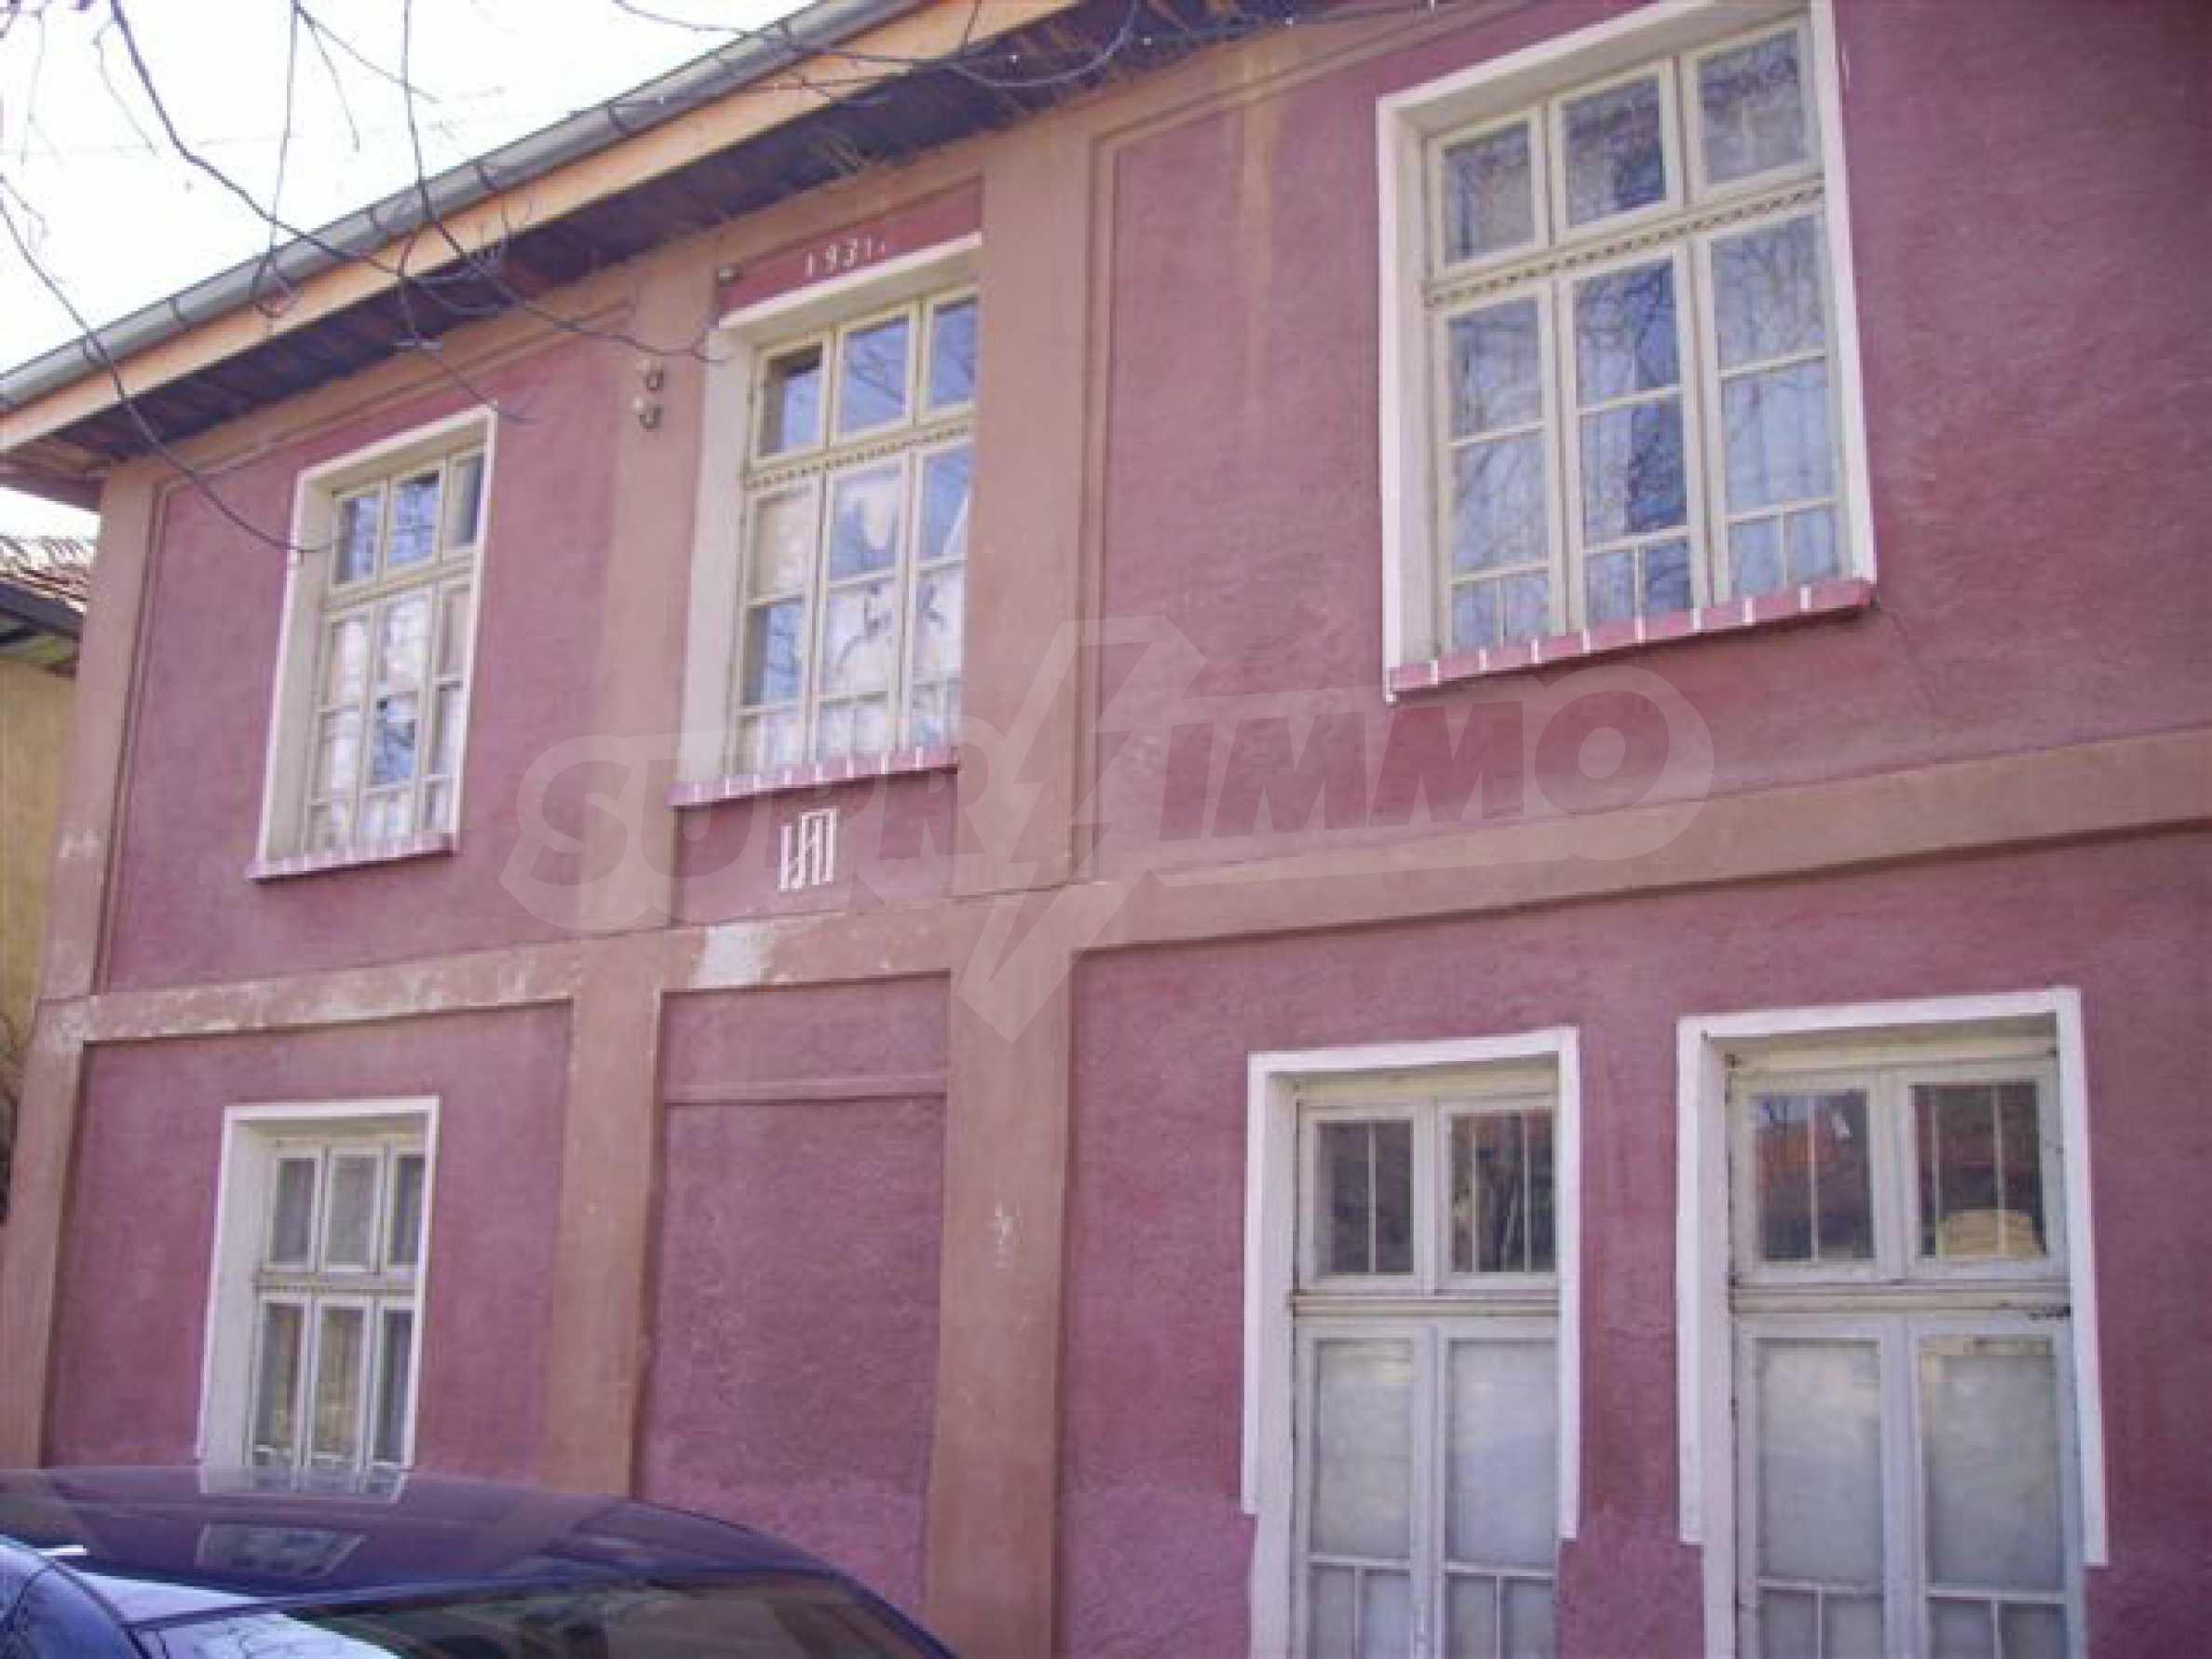 Zweistöckiges Haus mit Hof in einem Dorf in der Nähe von Lovech